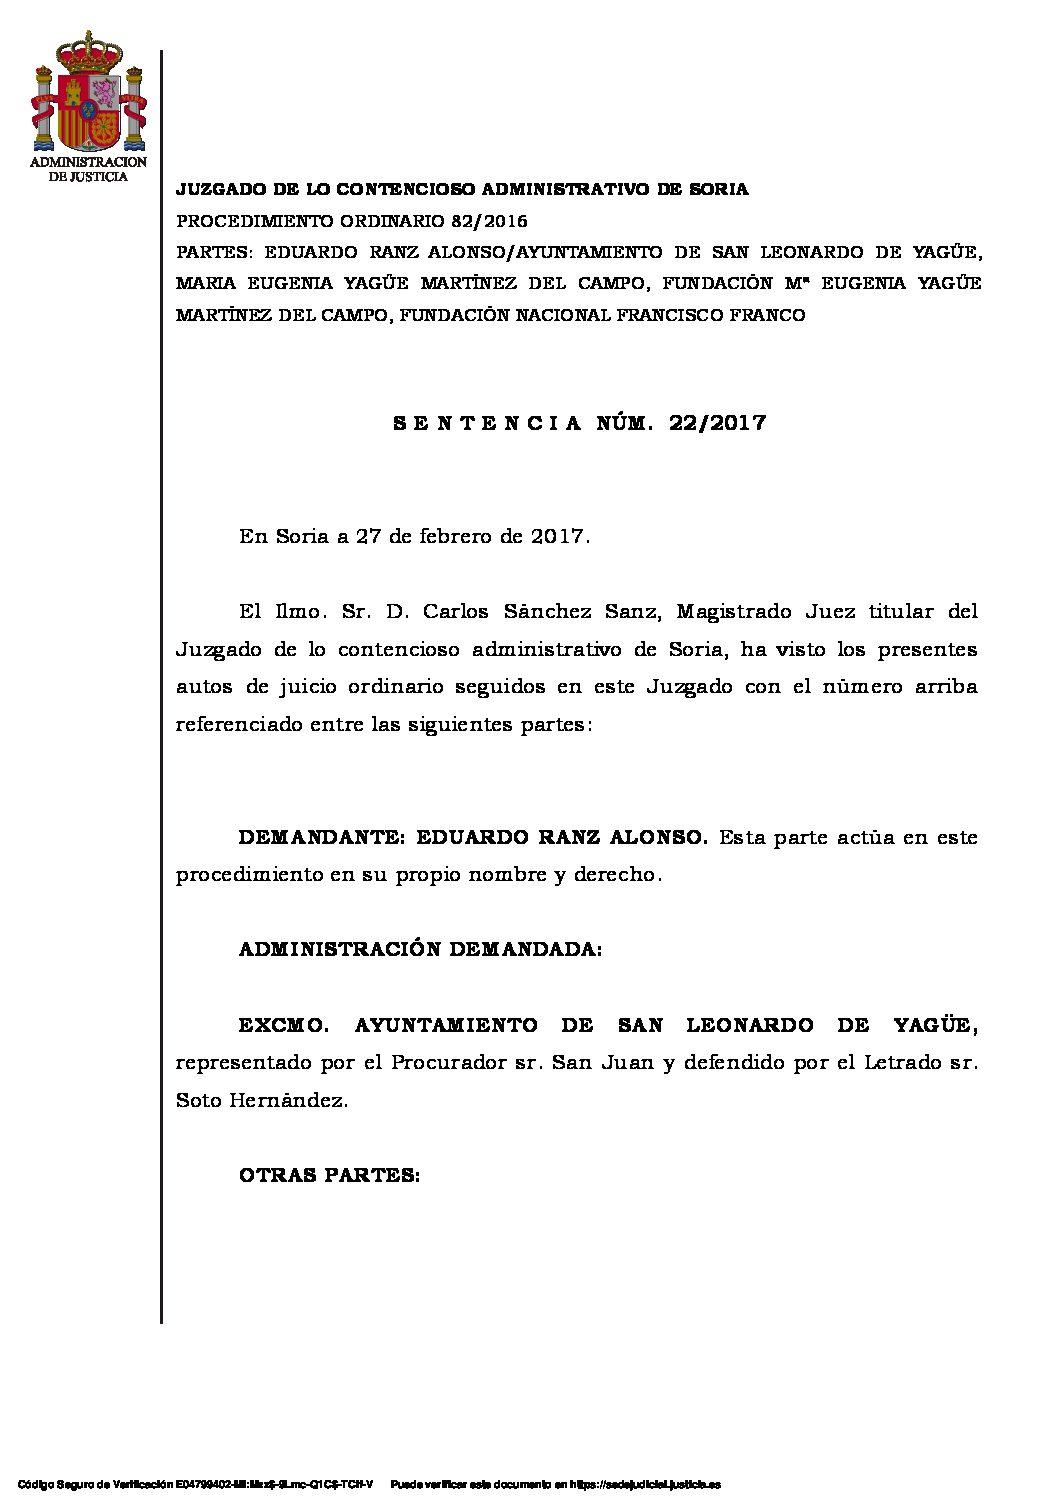 Juzgado CA Soria – Sentencia San Leonardo de Yagüe